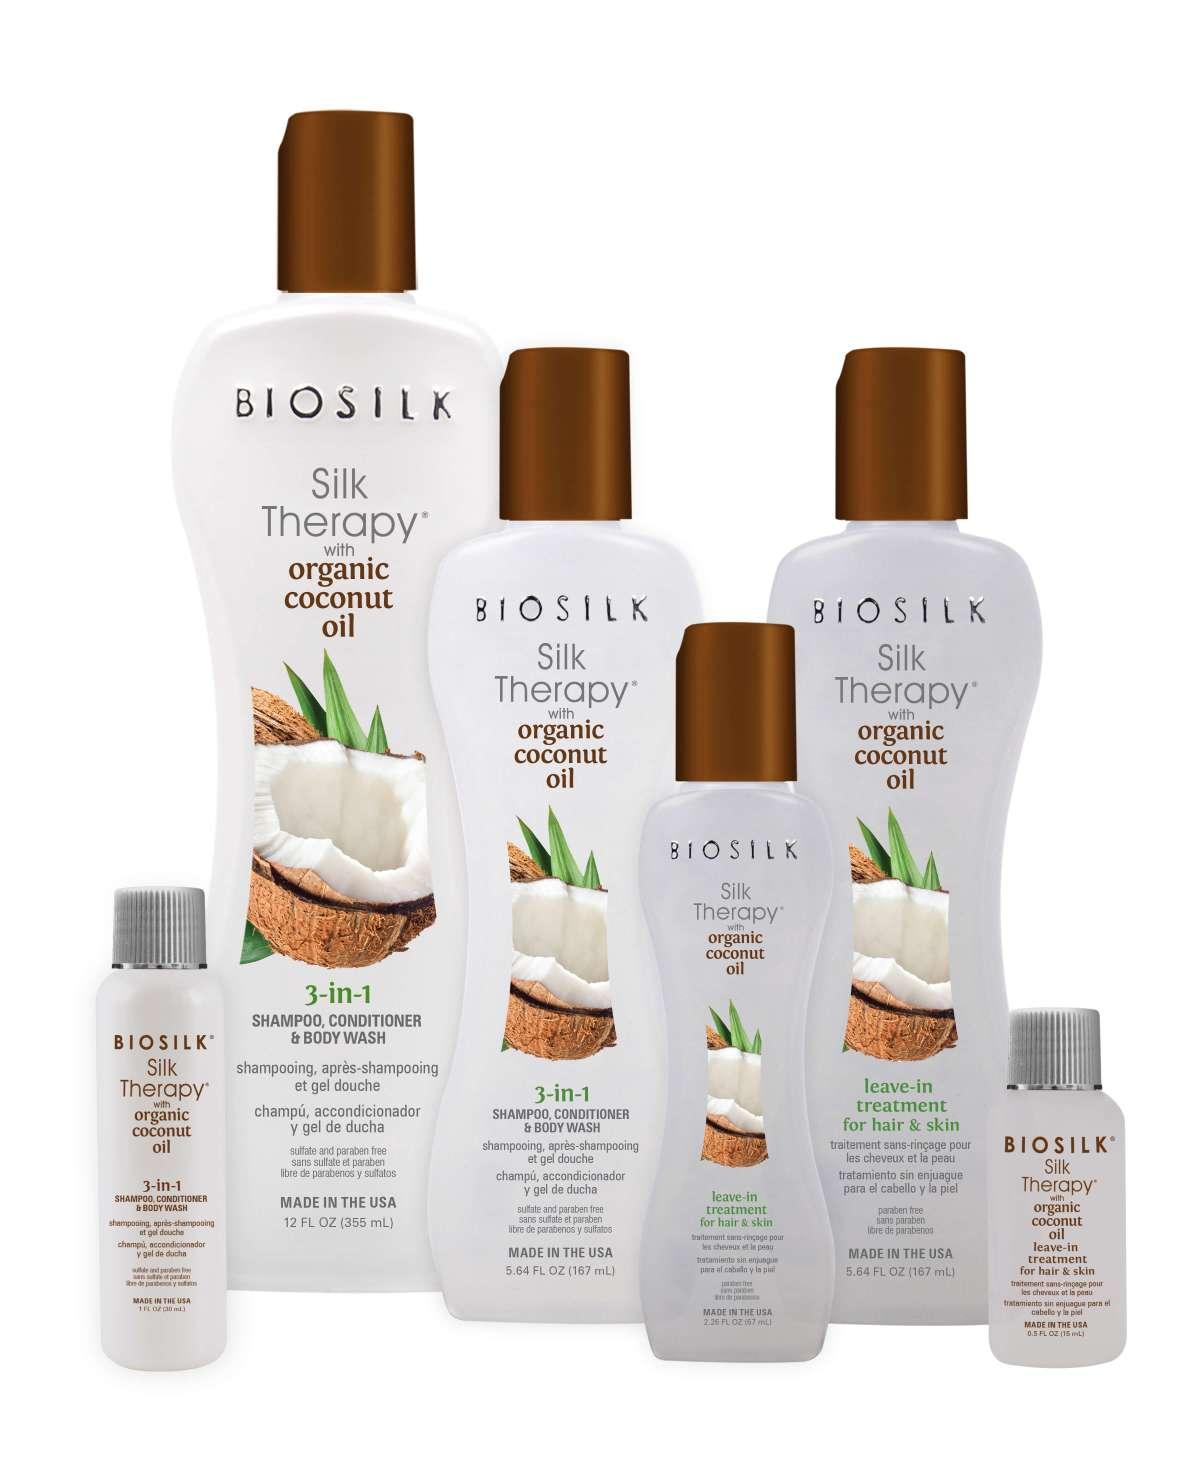 Biosilk Silk Therapy Coconut Oil Group - Biosilk Organic Coconut Oil